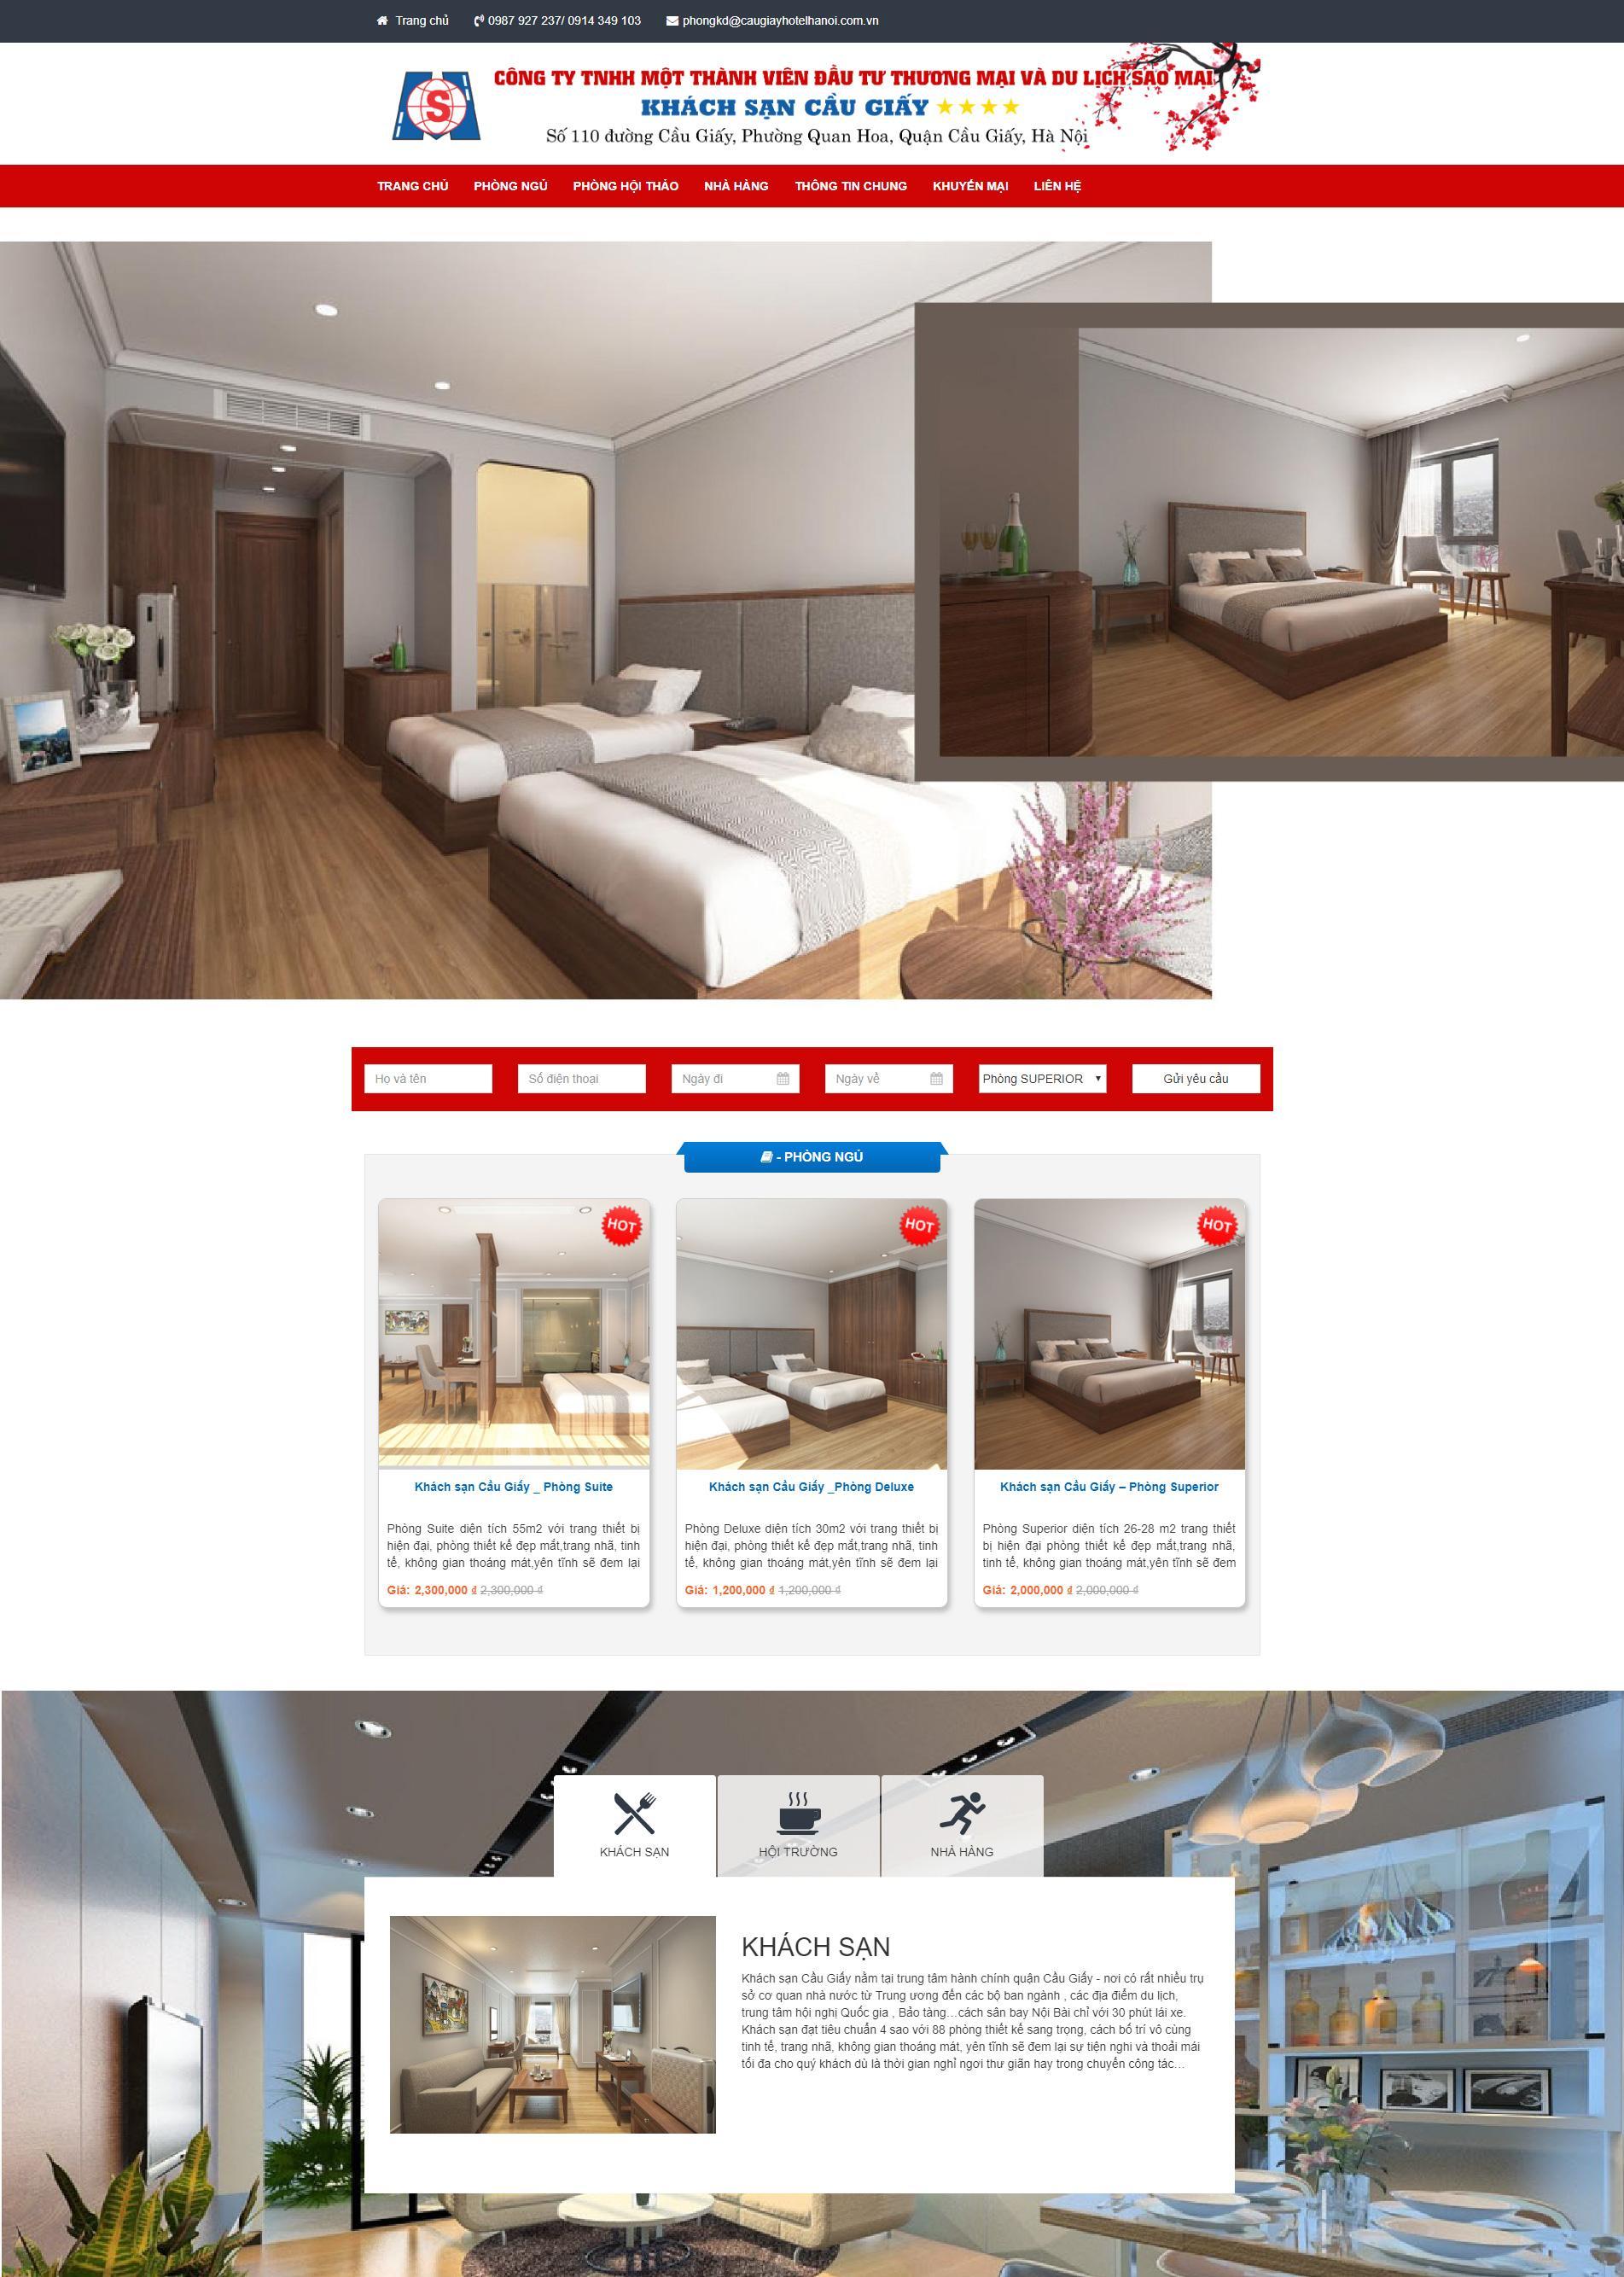 khách sạn – du lịch hotel-01